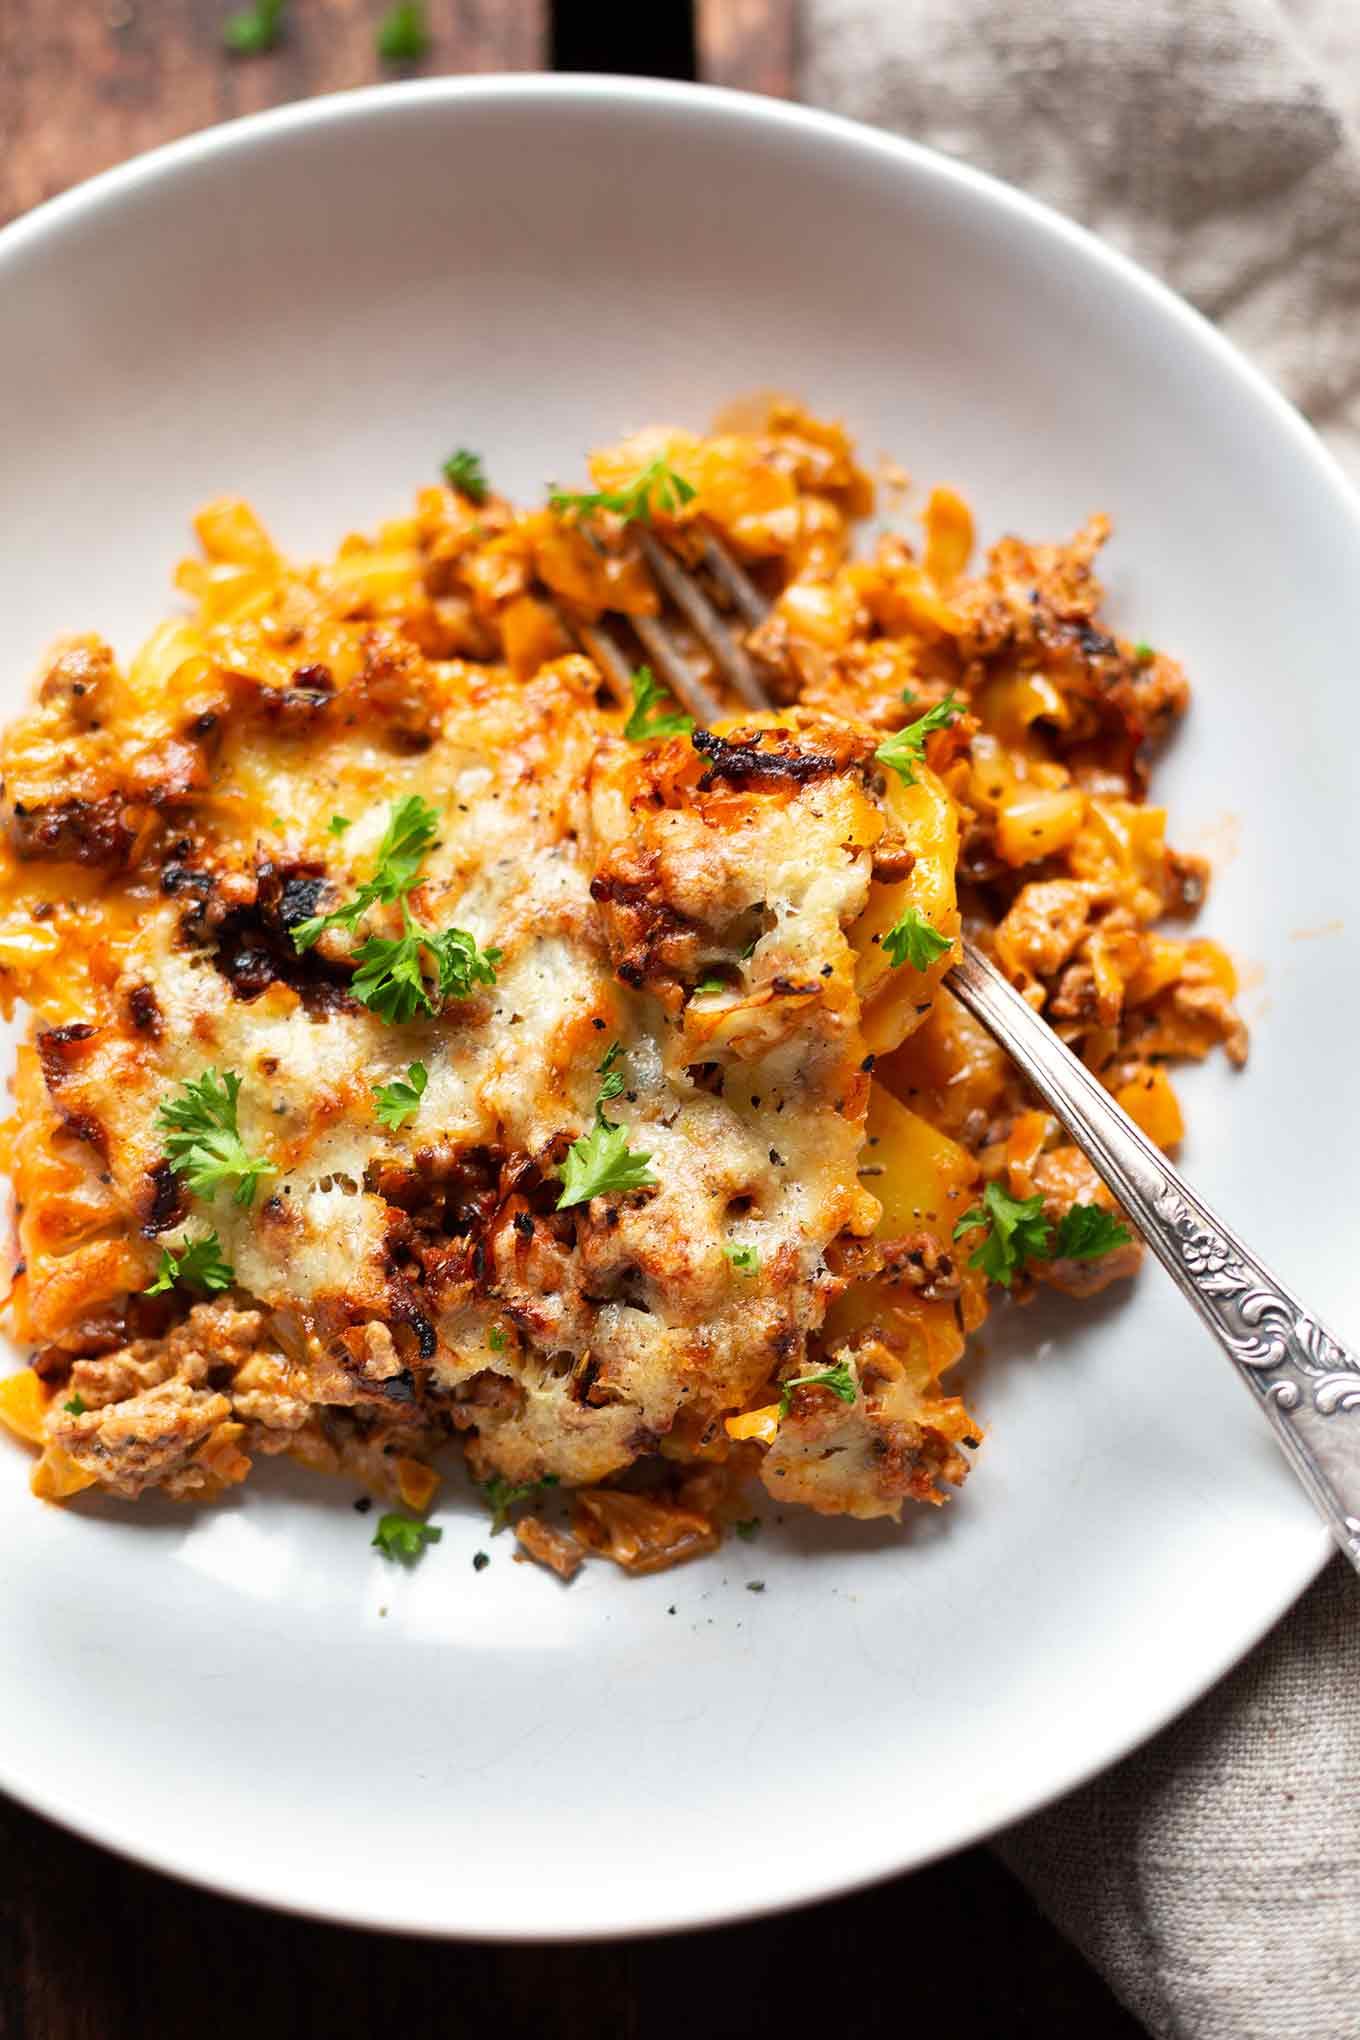 Spitzkohl-Hackfleisch-Auflauf mit Kartoffeln. Dieses 9-Zutaten Rezept ist einfach und SO lecker - Kochkarussell.com #spitzkohl #hackfleisch #auflauf #rezept